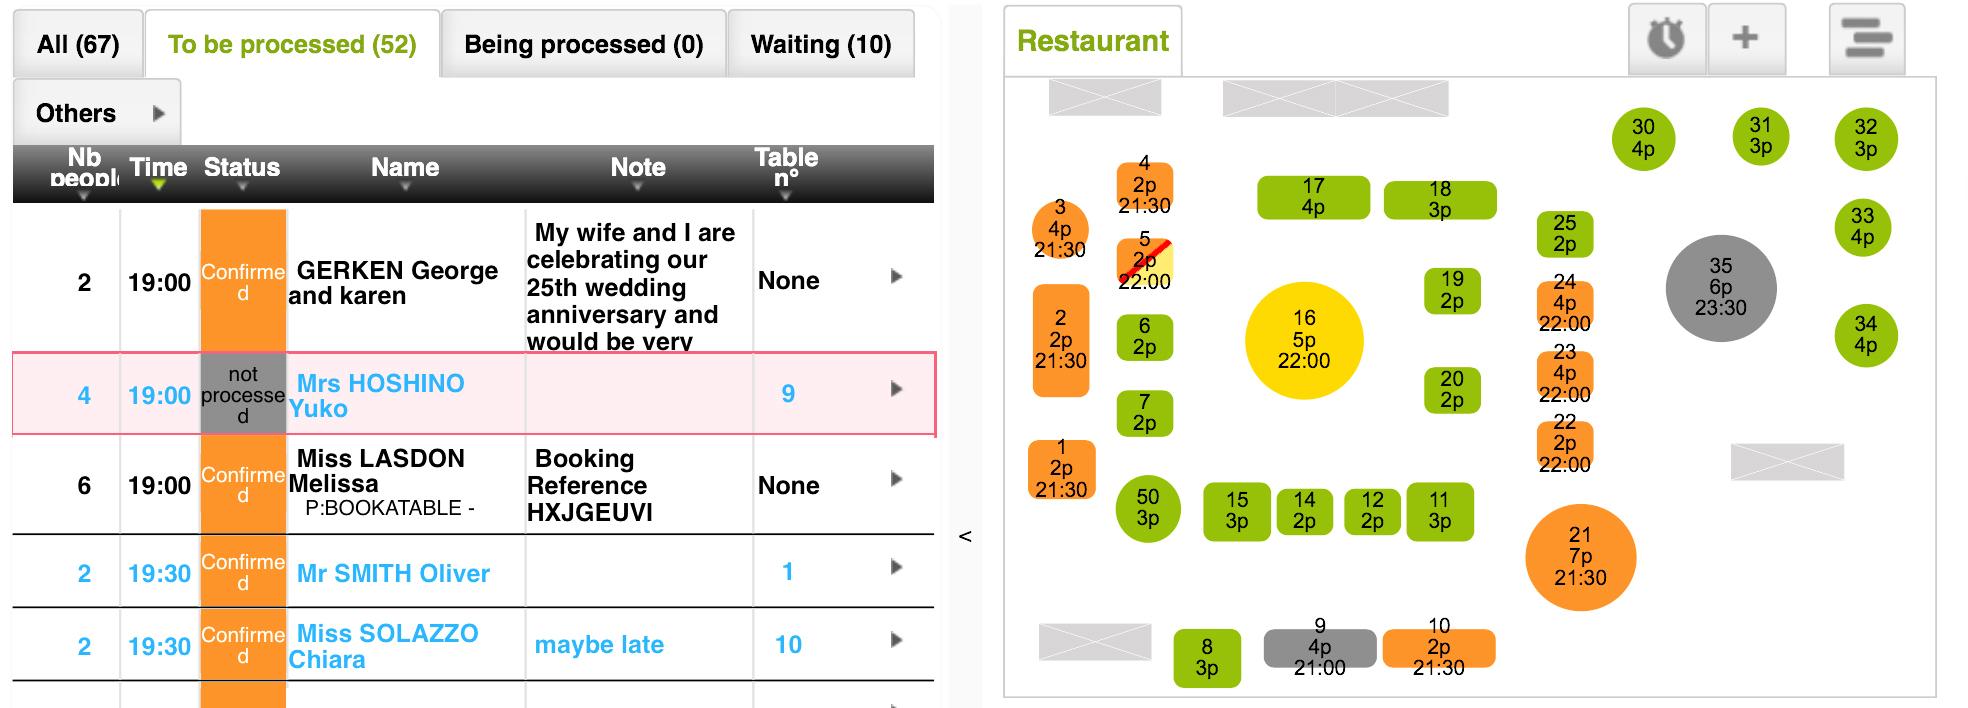 ElTenedor software restaurante plano digital